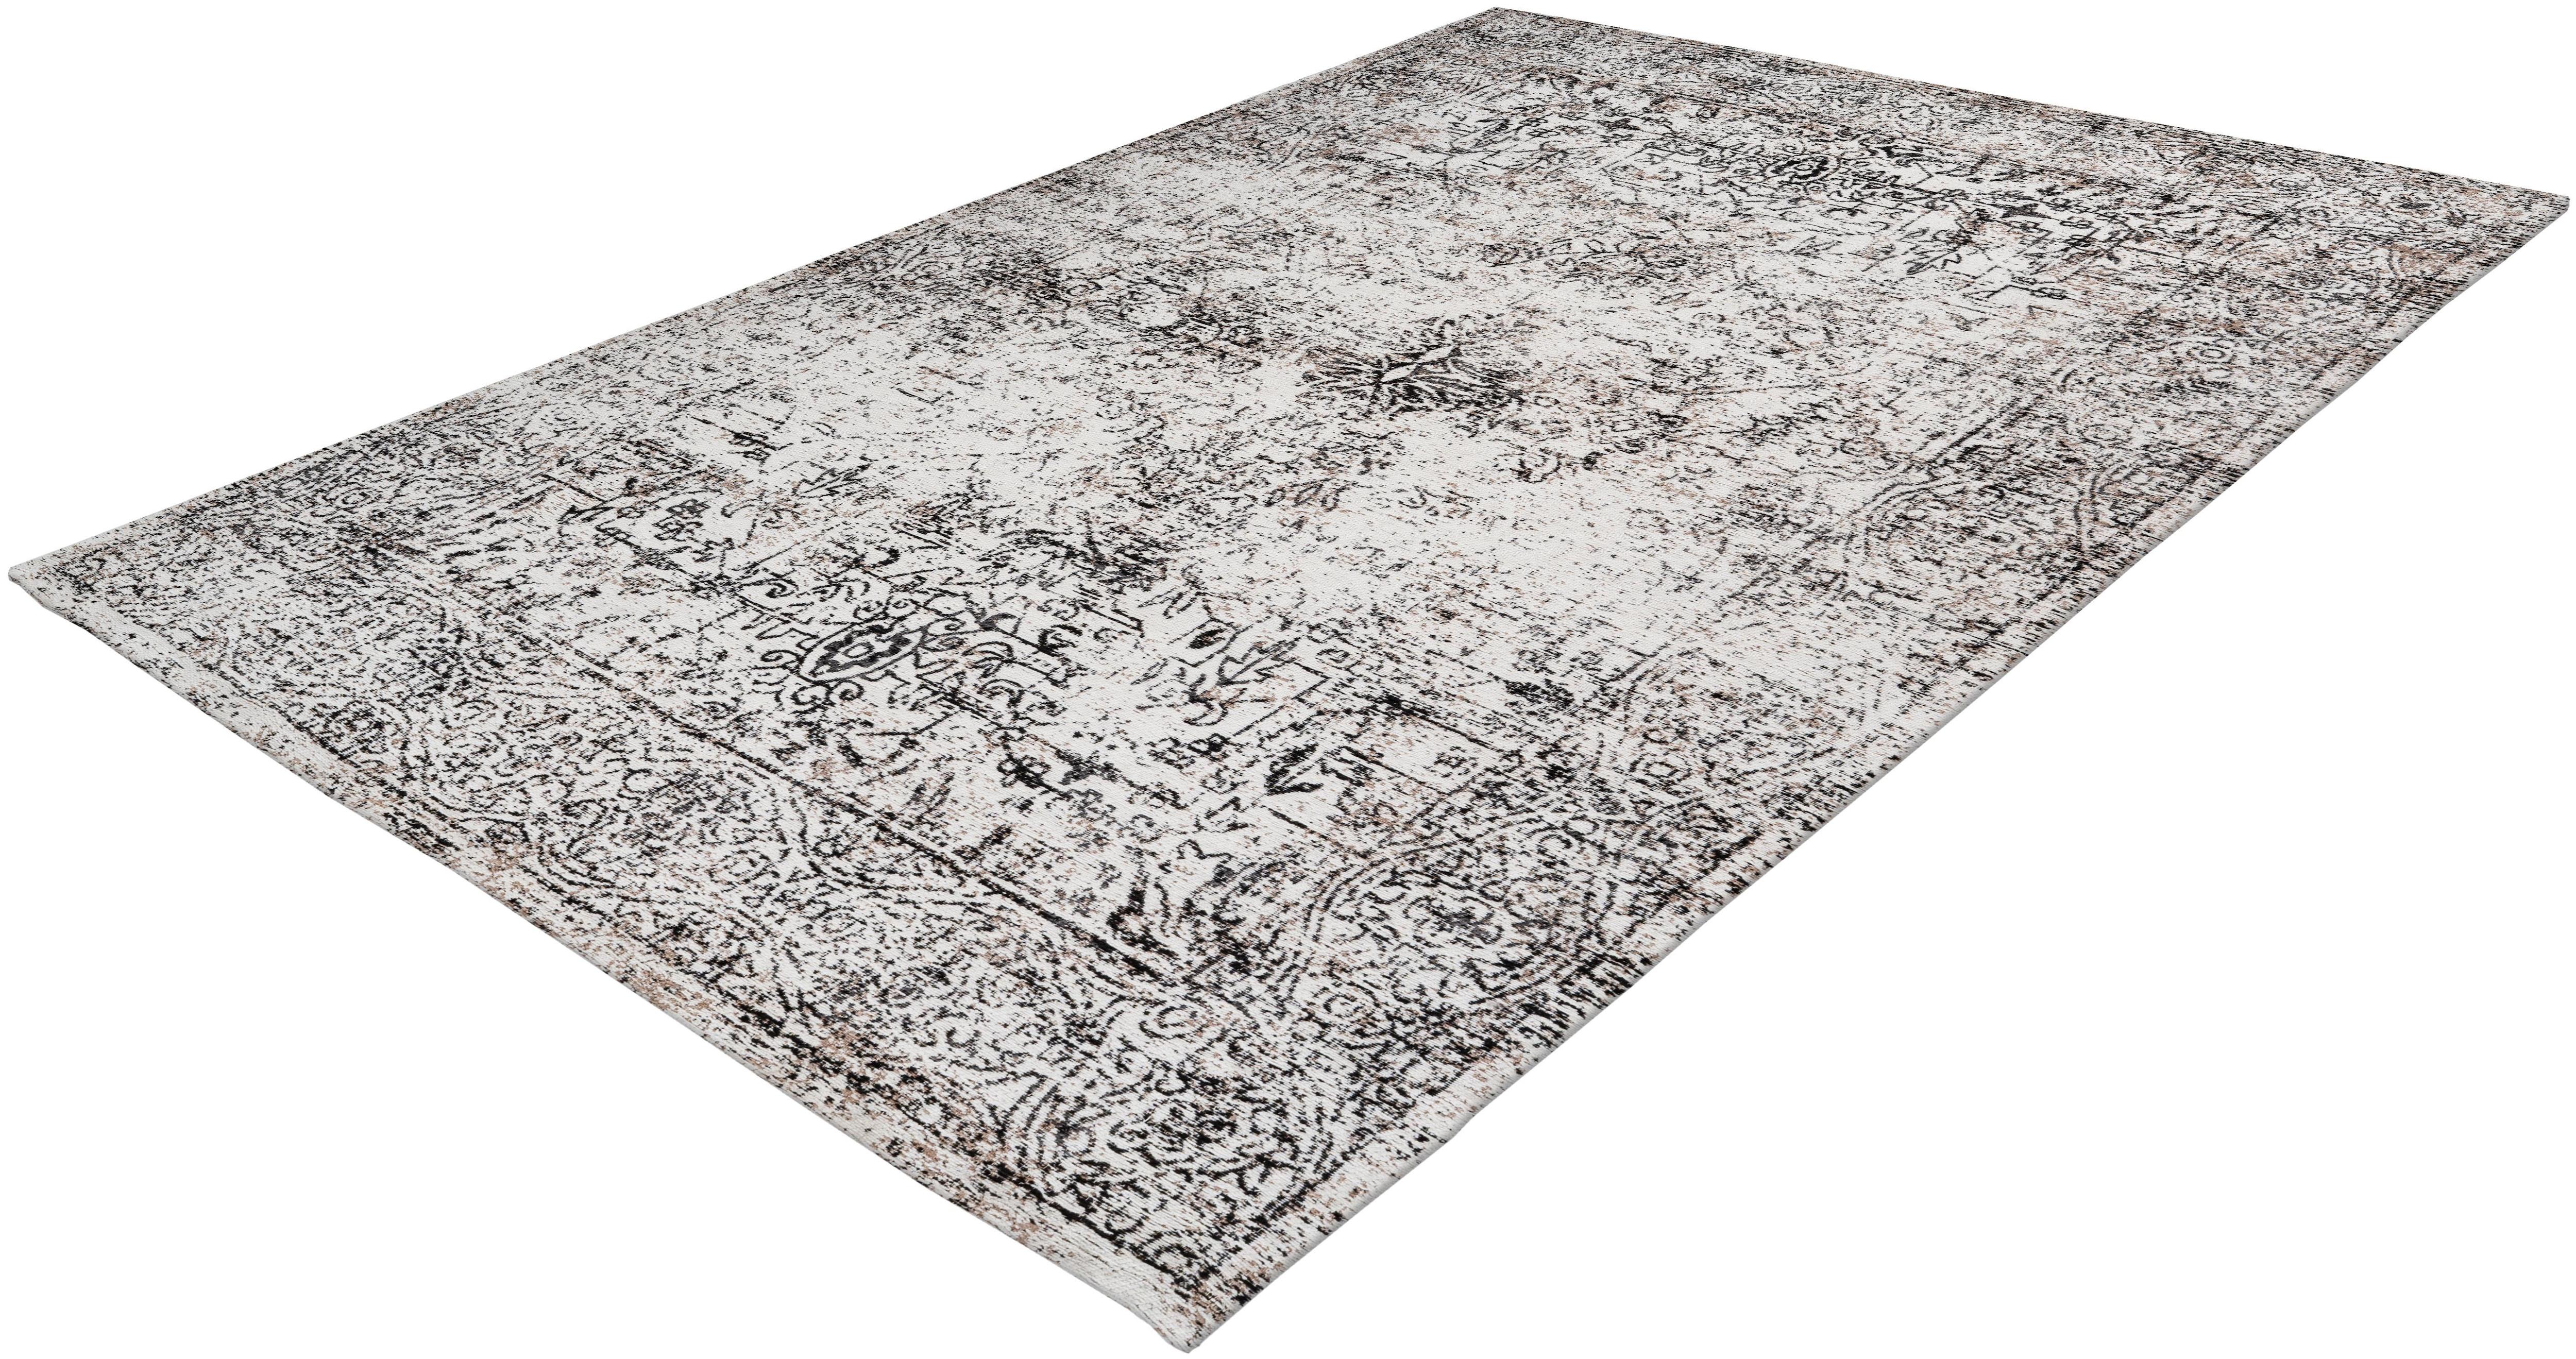 Teppich Iglesia 500 Arte Espina rechteckig Höhe 10 mm maschinell gewebt